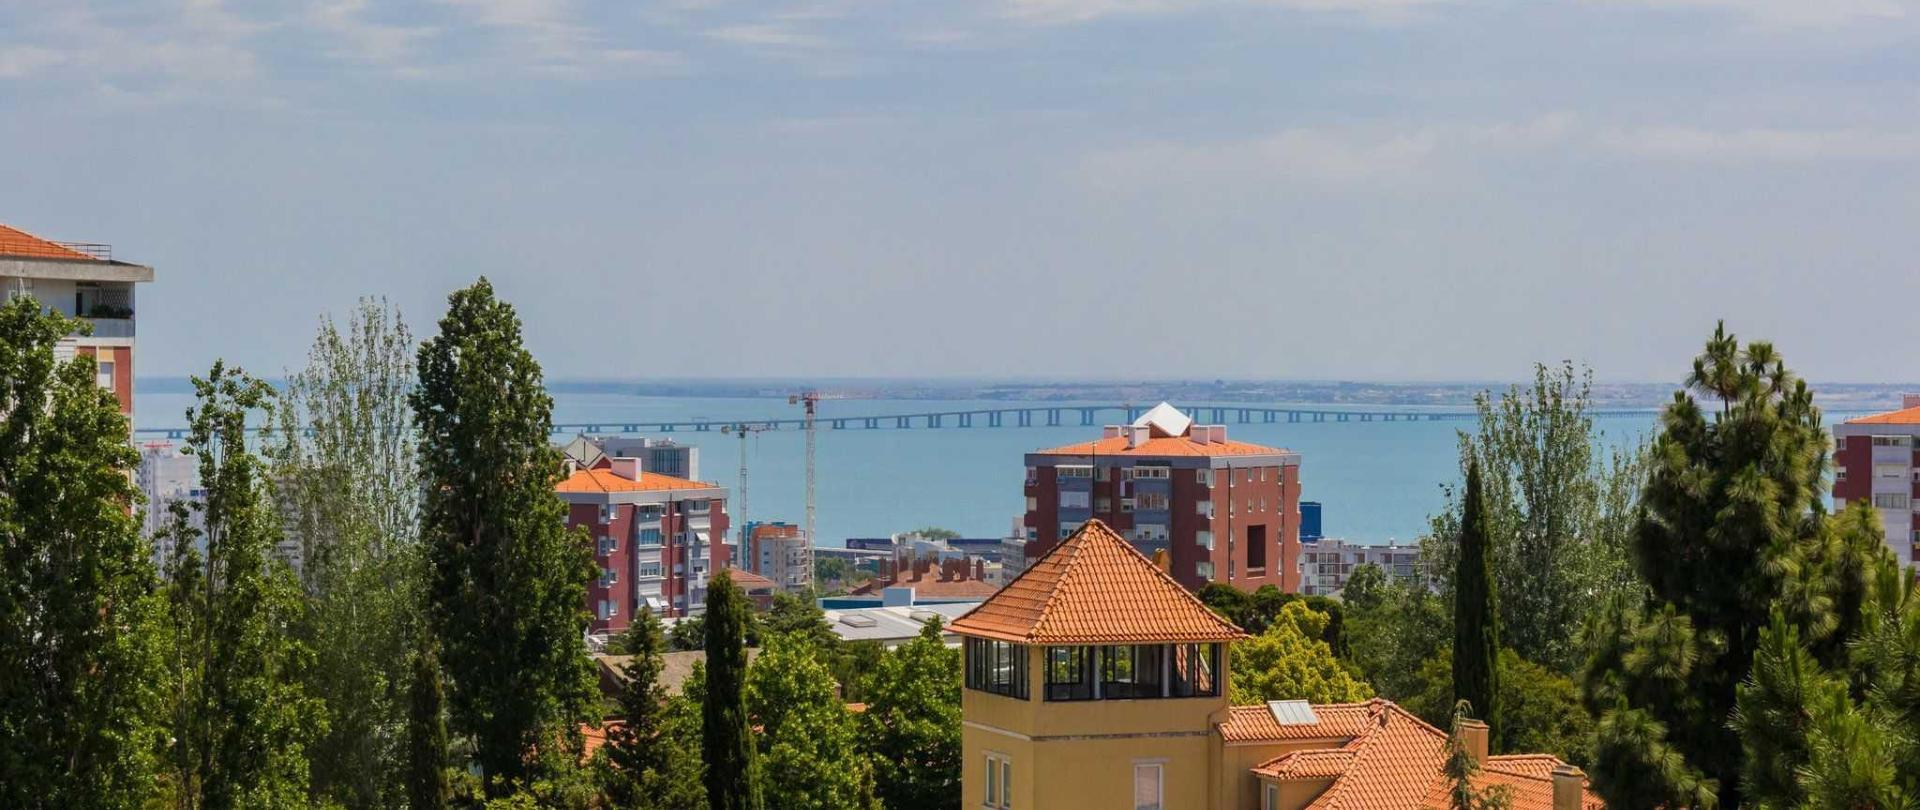 lisbon-airport-hostel_view_2-1.jpg